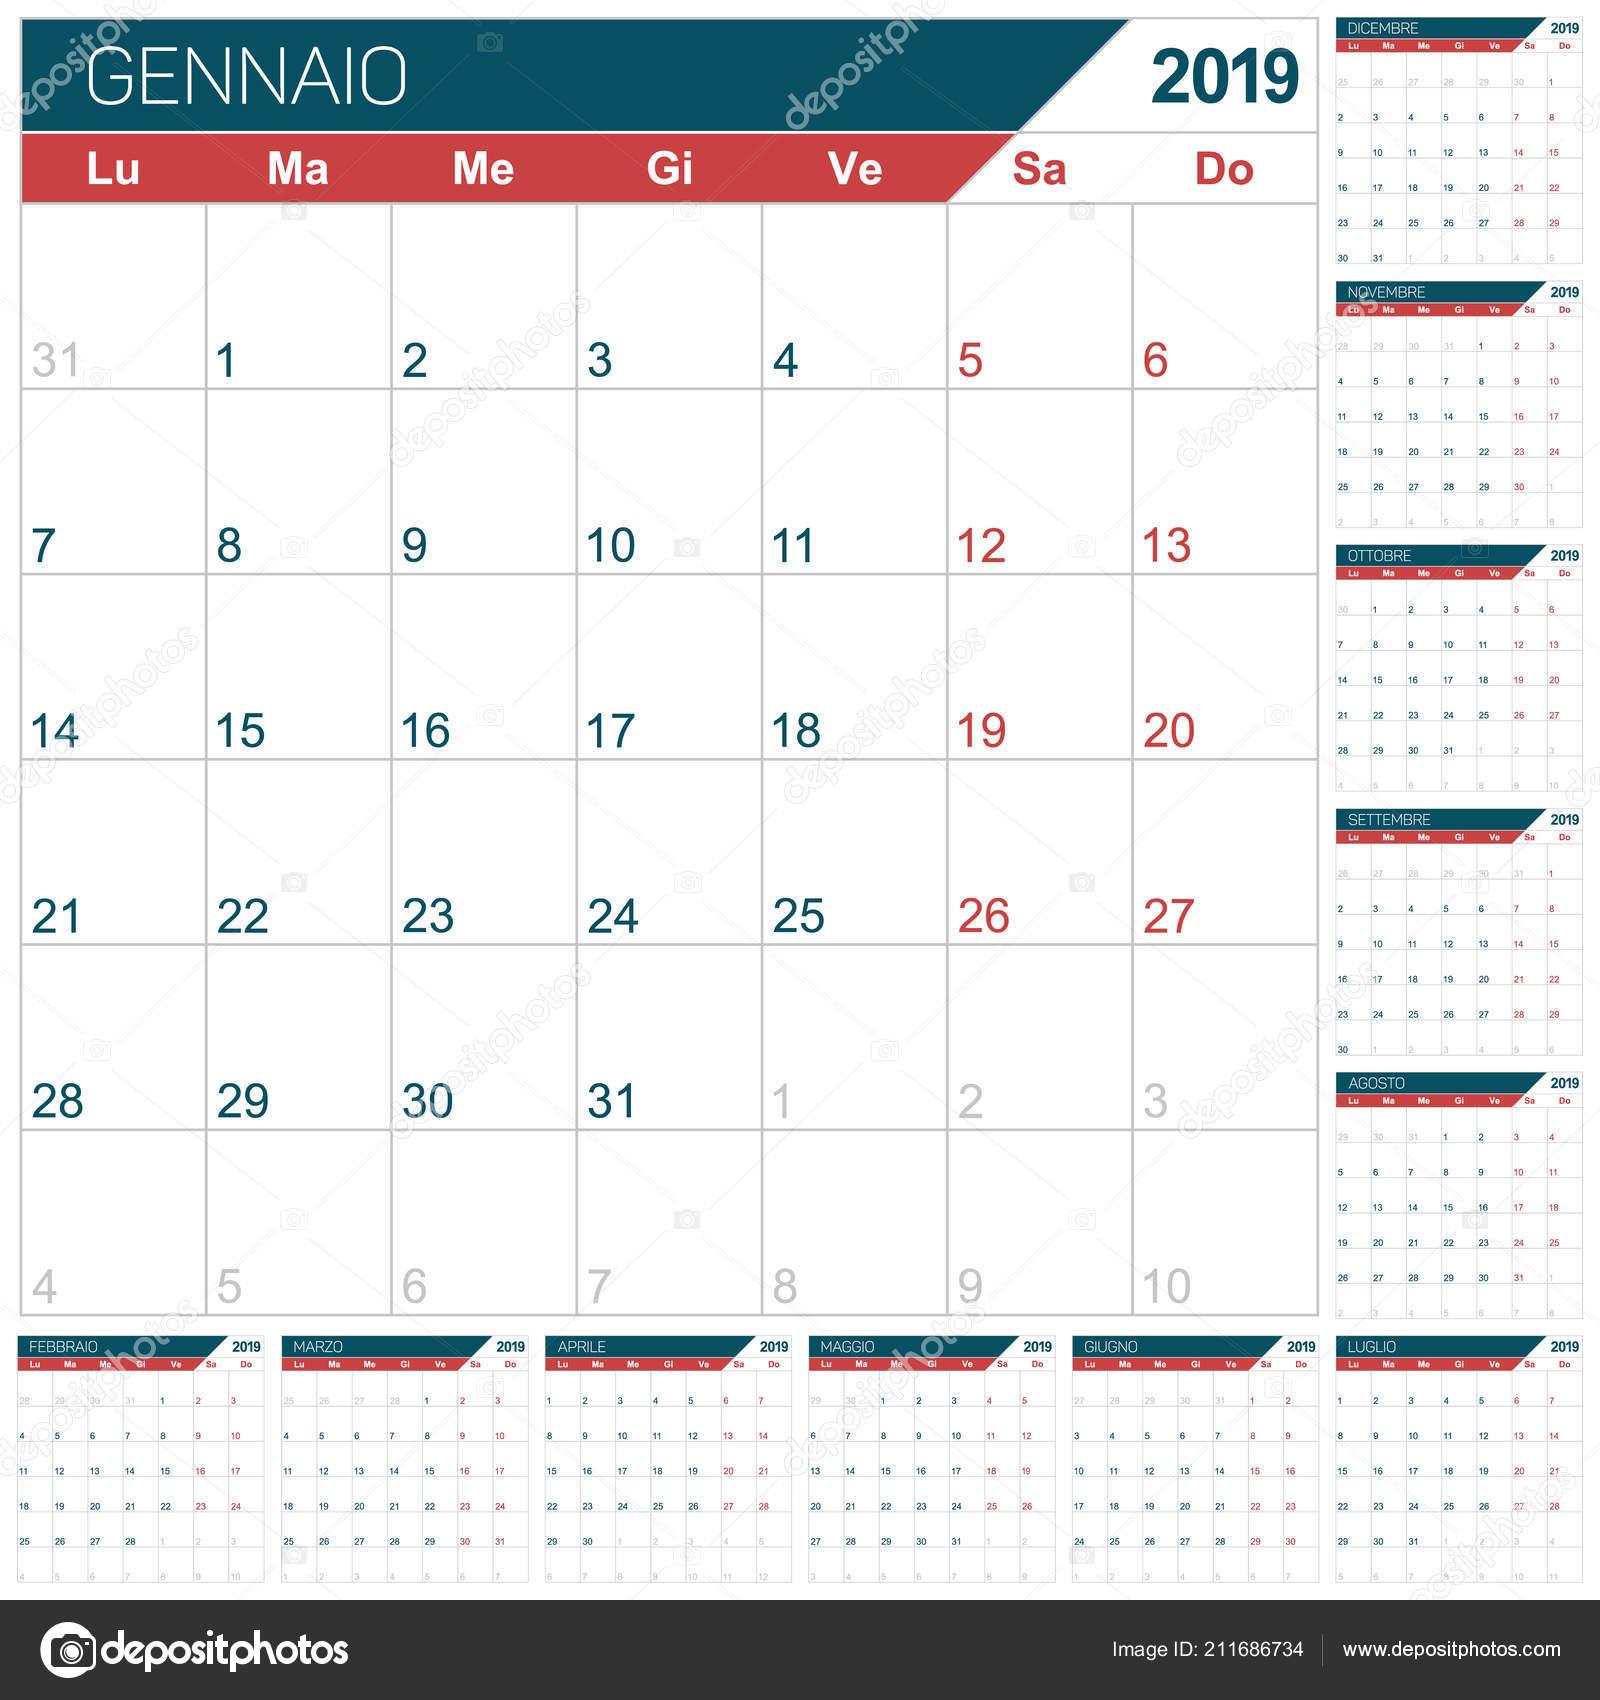 Calendario 12 Mesi.Calendario Italiano Modello Anno 2019 Serie Mesi Gennaio